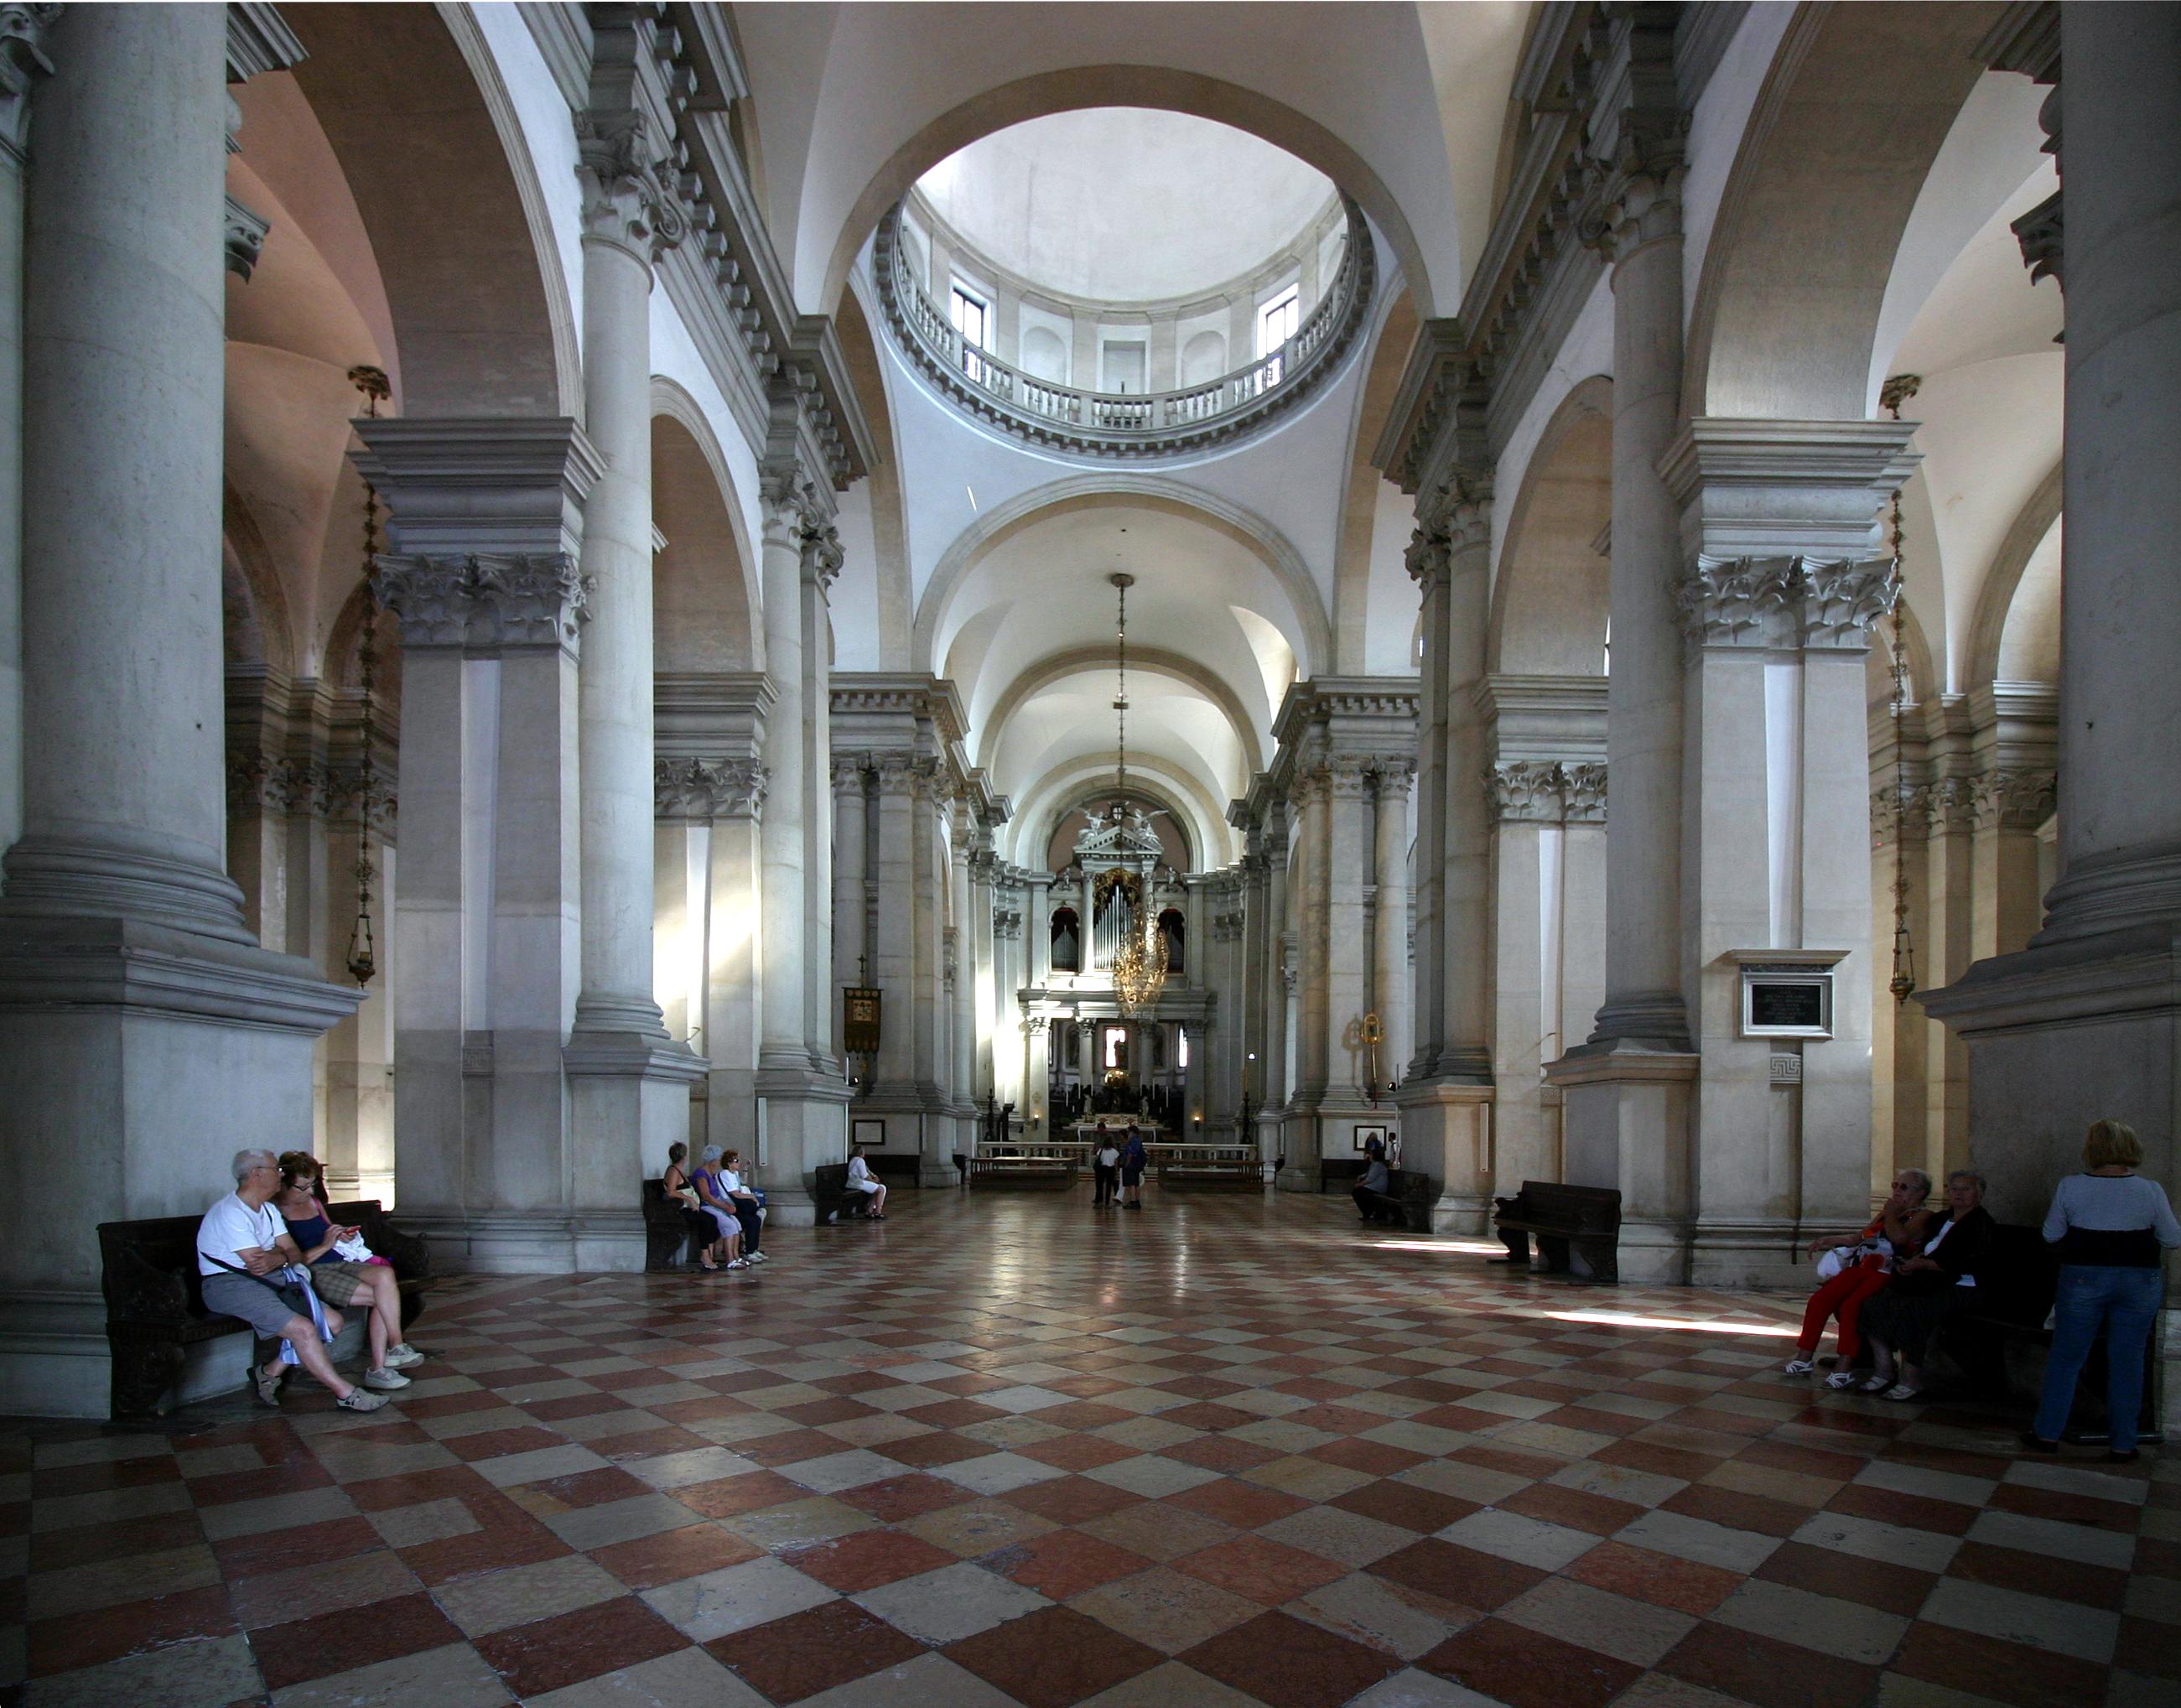 San Giorgio Maggiore templom belseje, Velence<br /><br />Belül masszív oszlopok és pilaszterek, fehér falak, többek között Tintoretto festményei díszítik.<br /><br />Kép: Wikimedia Commons / José Luiz Bernardes Ribeiro